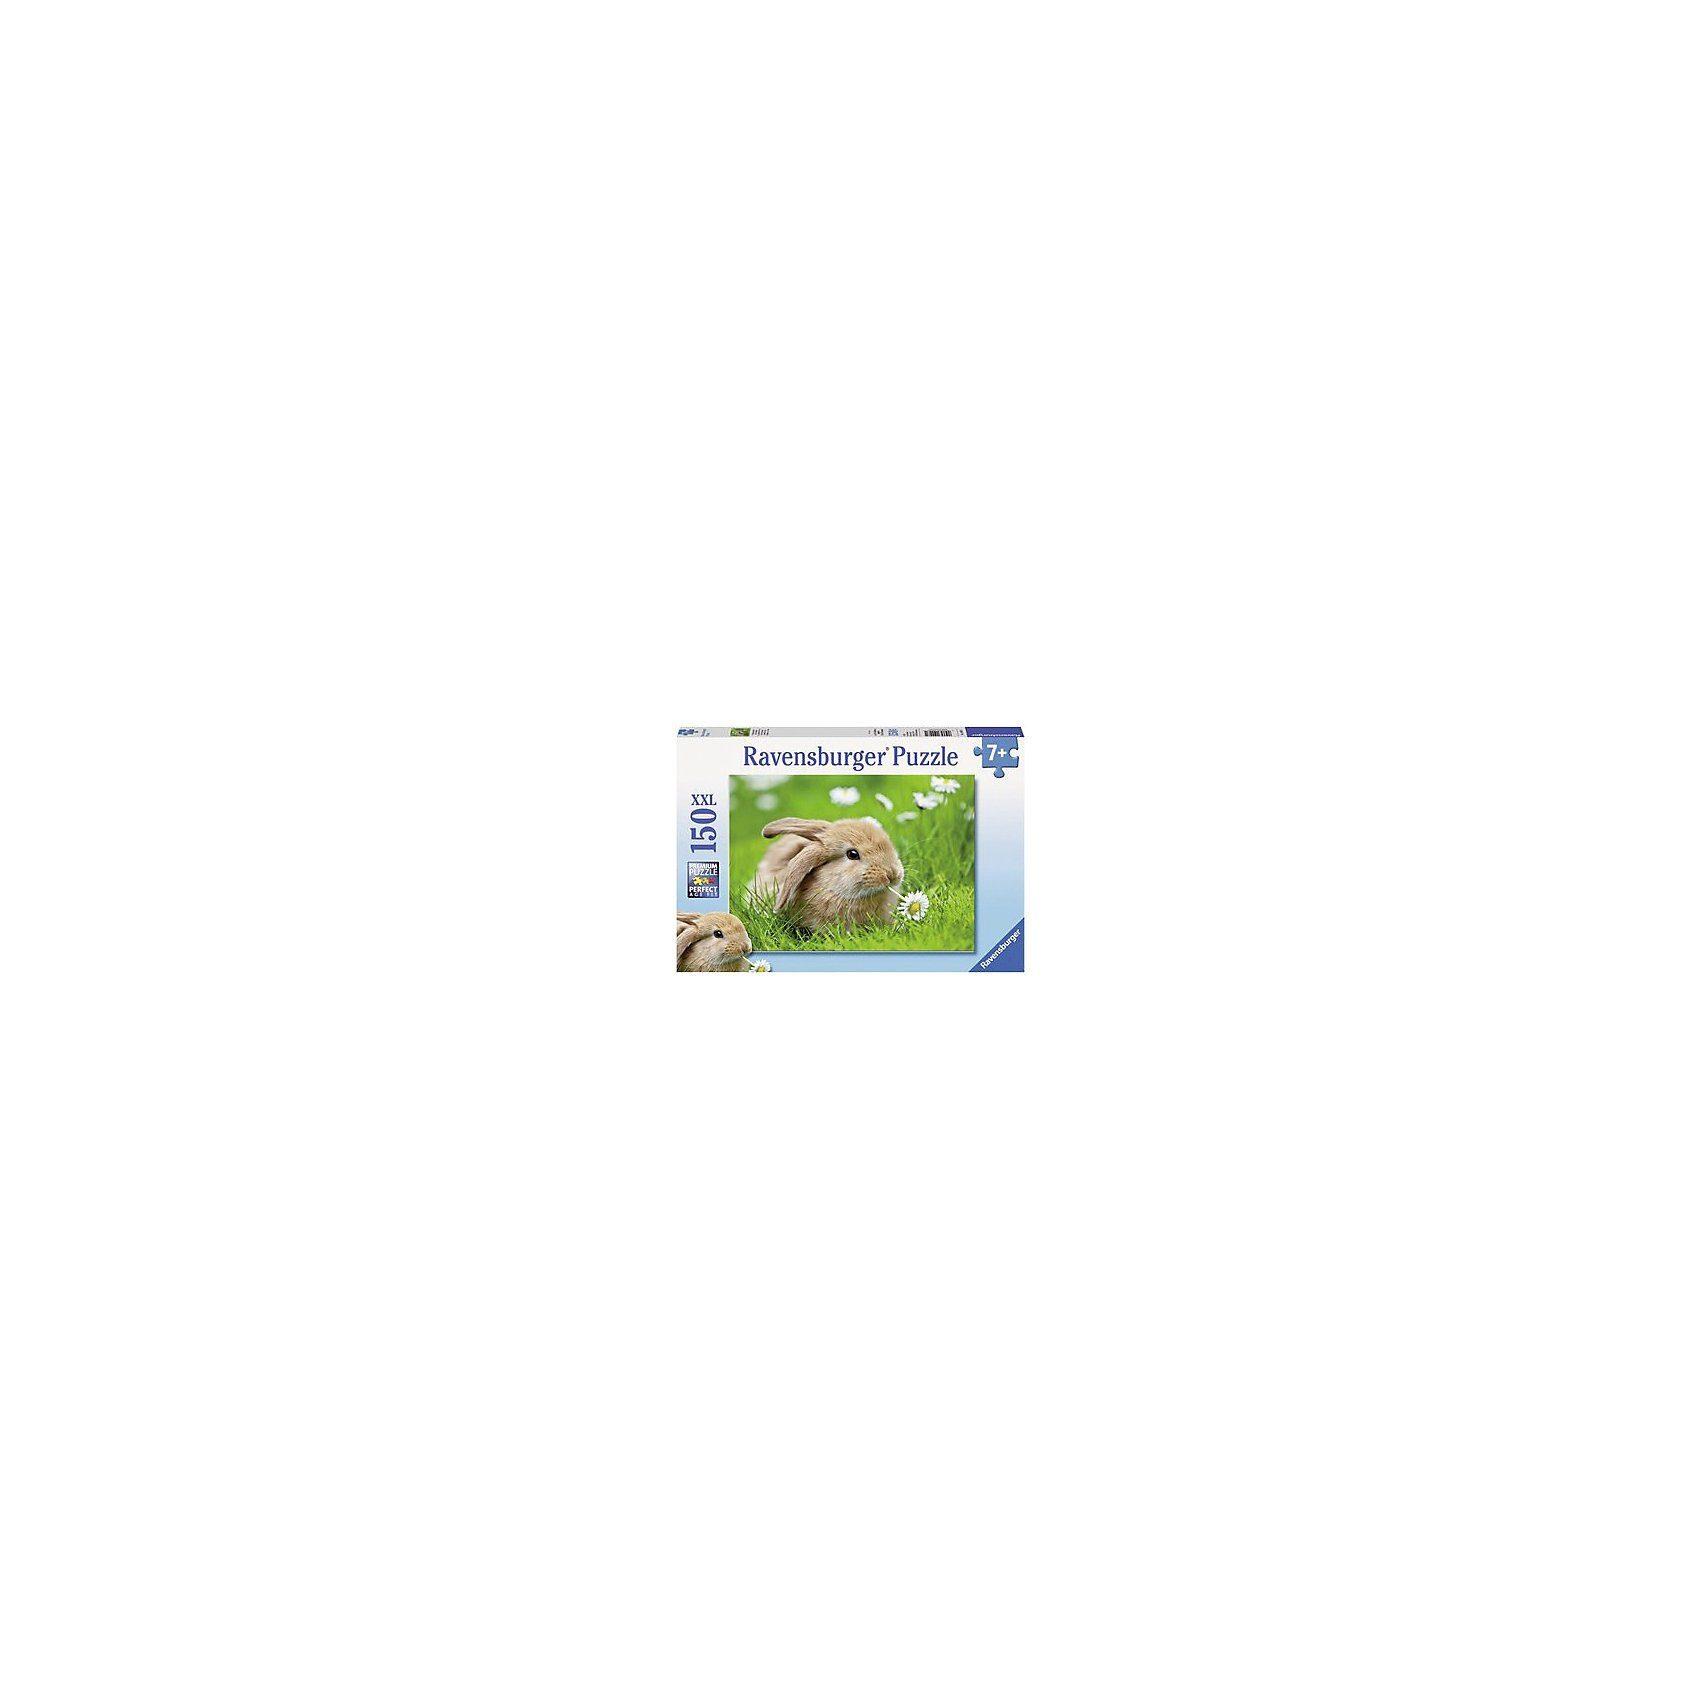 Ravensburger Puzzle 150 Teile XXL - Goldiges Langohr